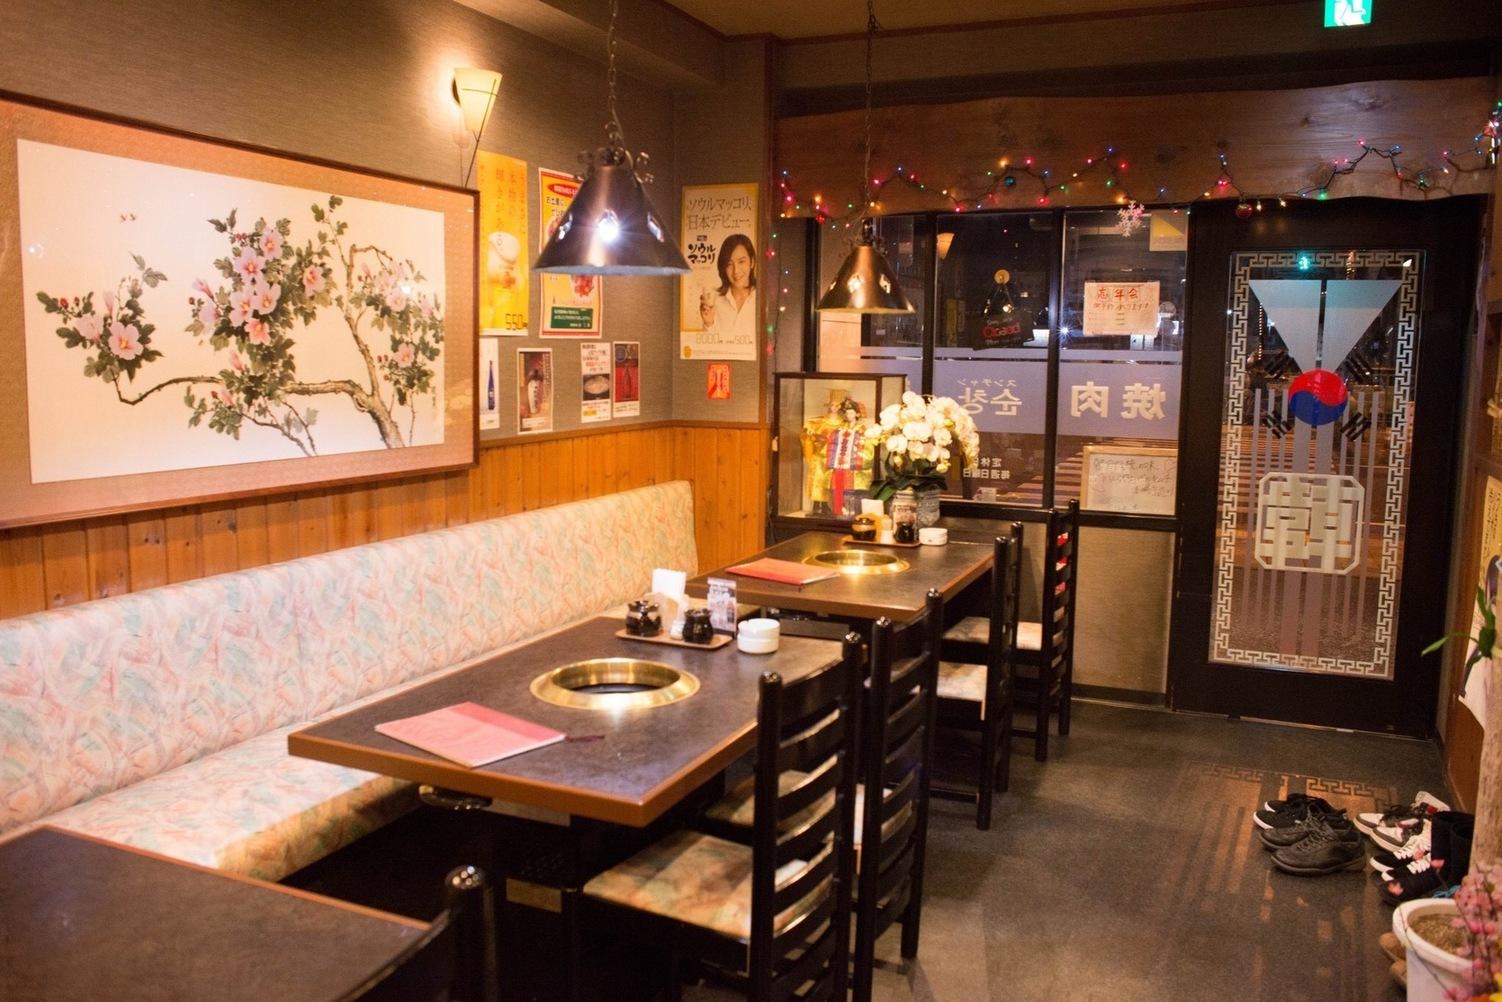 宇都宮高級焼肉:焼肉スンチャン 駅東店